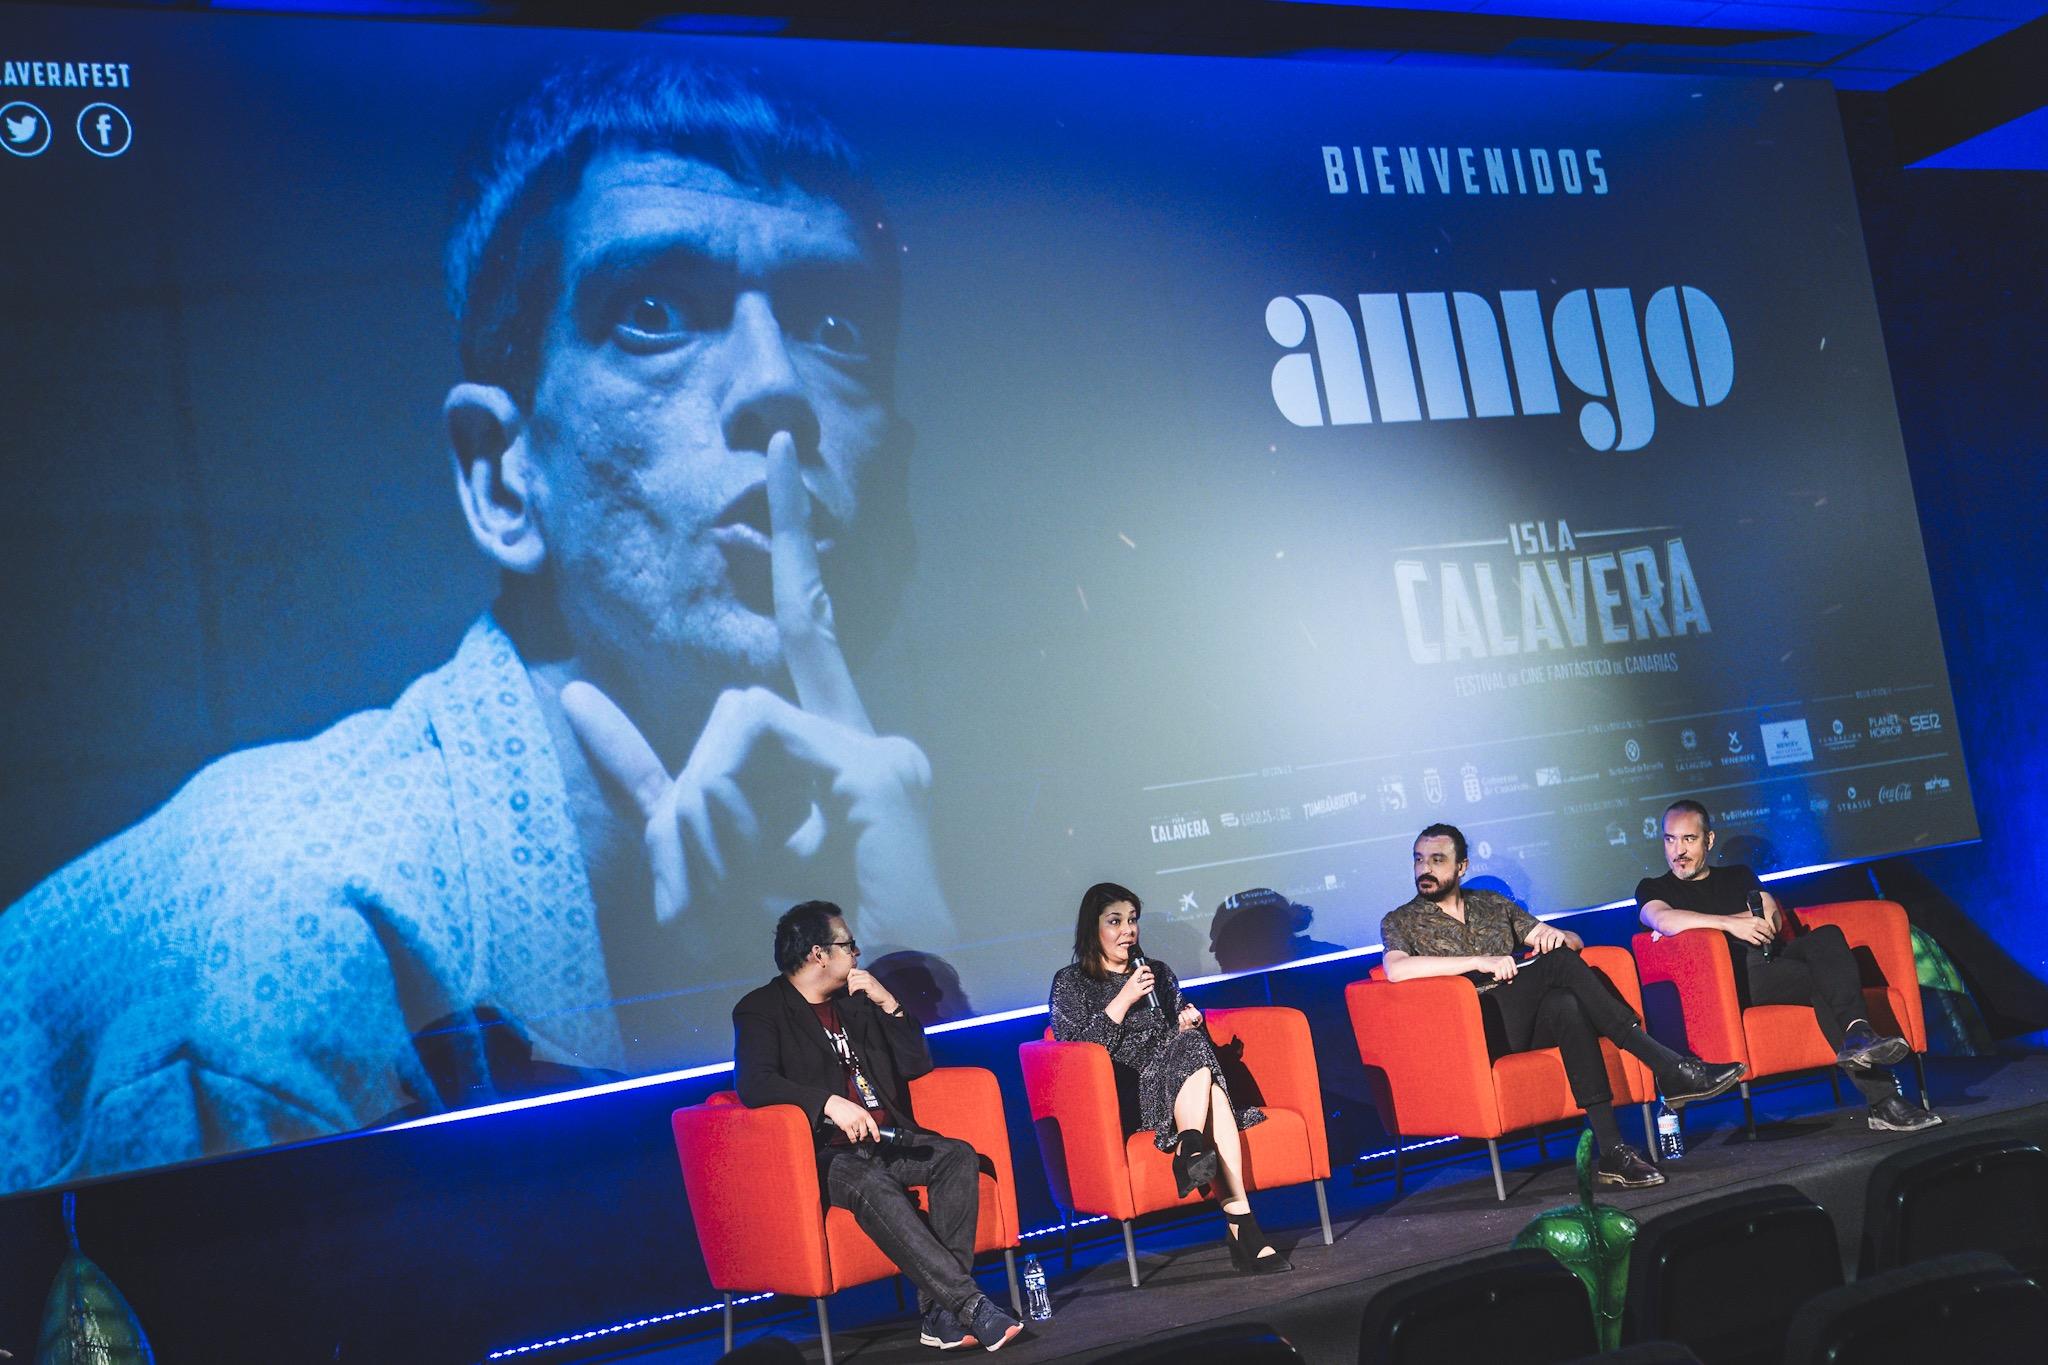 Charla post screening de 'Amigo'.